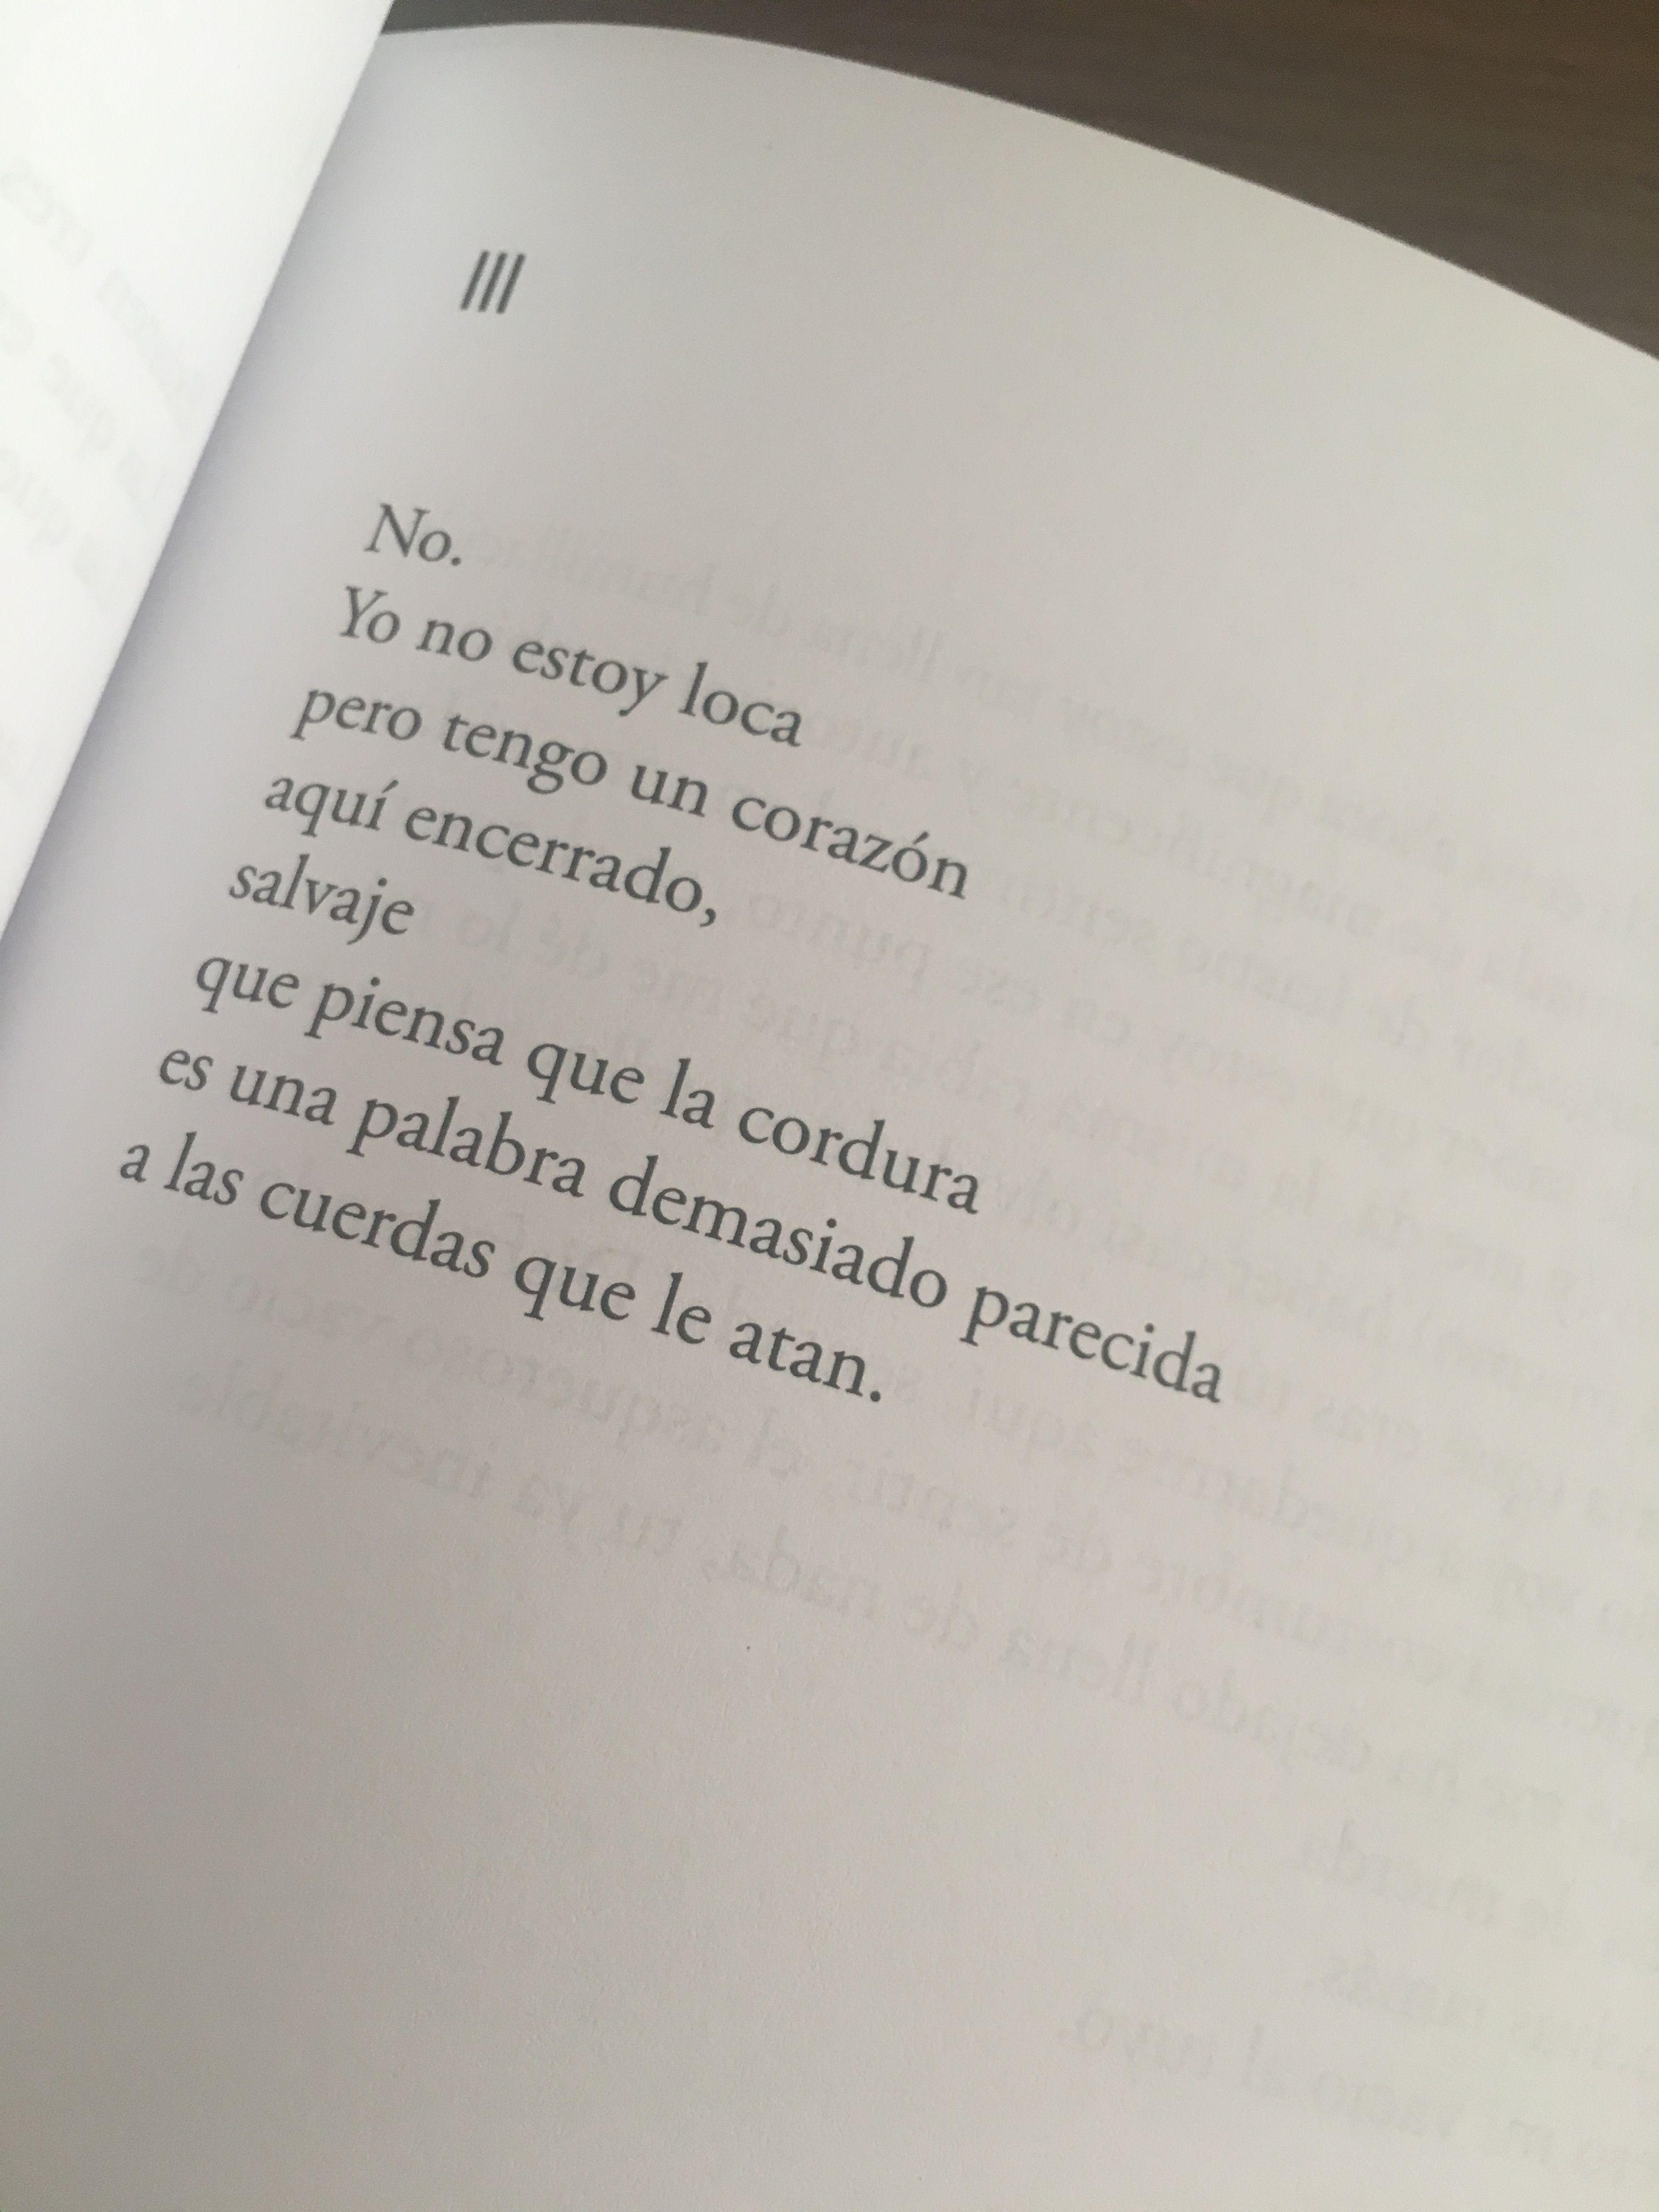 Amor Y Asco Srtabebi Poesia Amor Y Asco Love Quotes Quotes Y